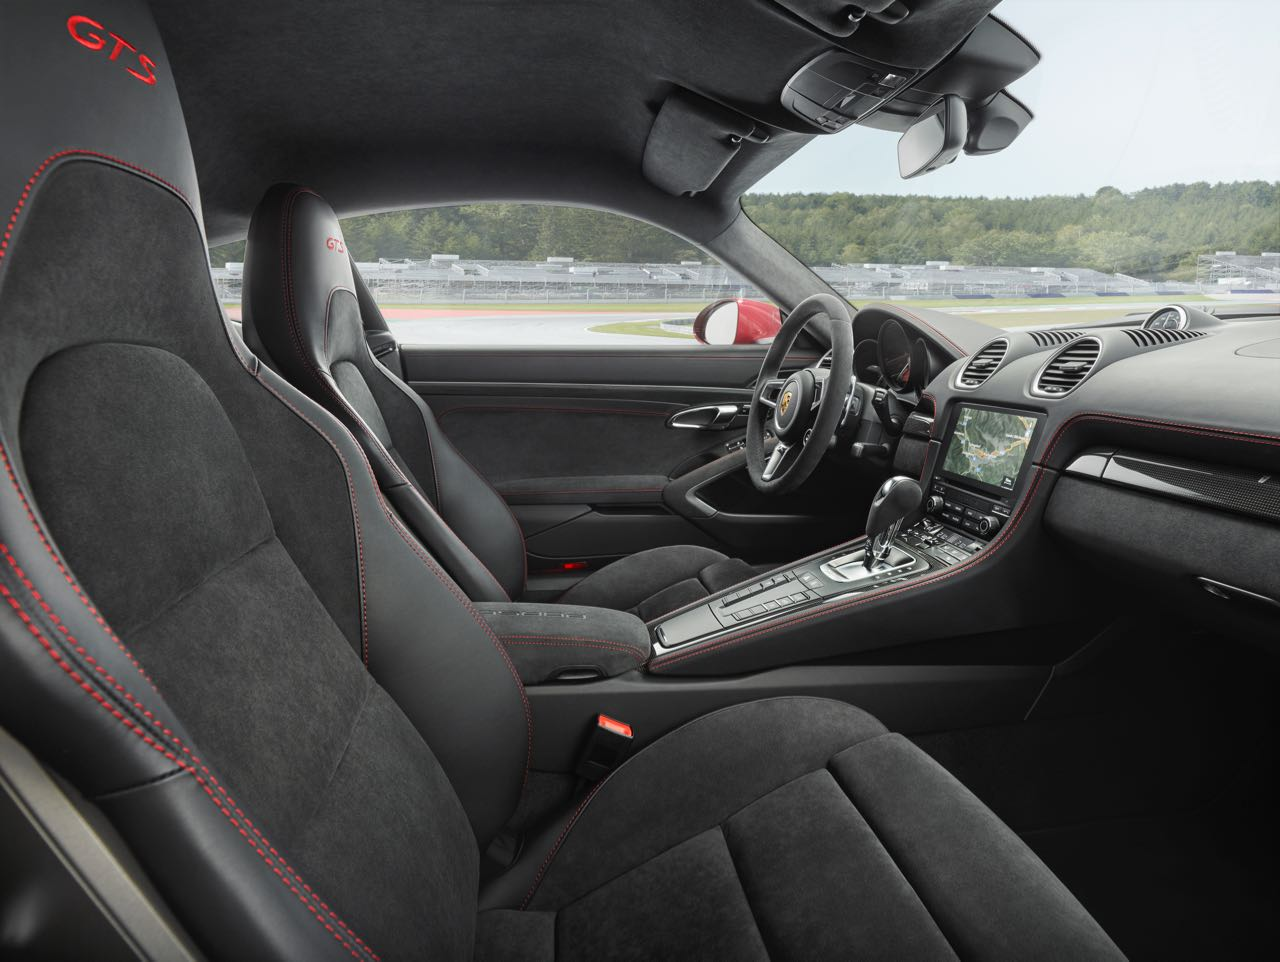 Porsche 718 Boxster GTS interior